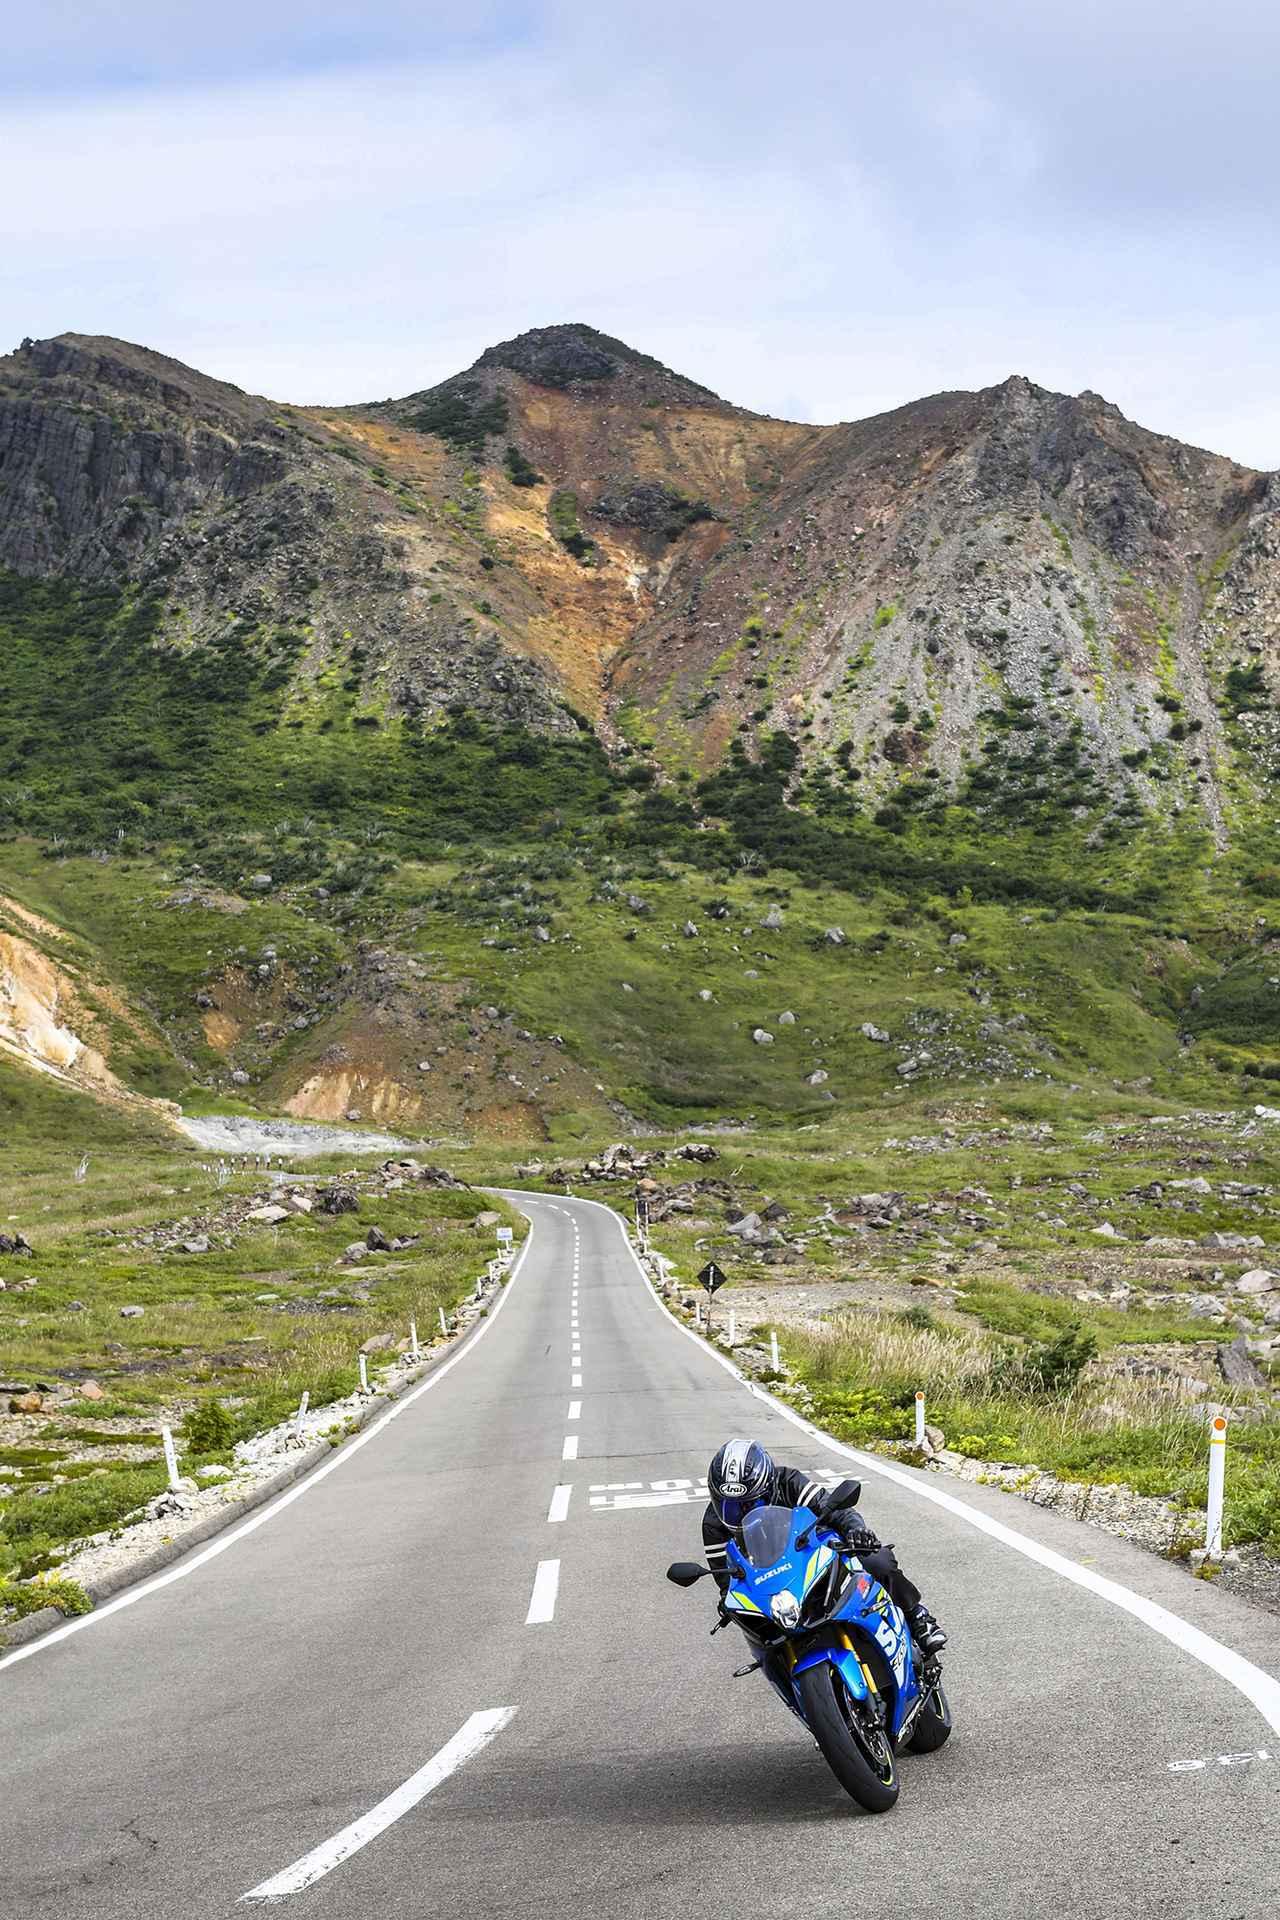 画像2: 【本日解禁】憧れの『雪の回廊』ツーリング! バイクでこそ走りたい福島/磐梯吾妻スカイラインの冬季通行止めが解除されます!【スズキのバイク! の耳寄りニュース】